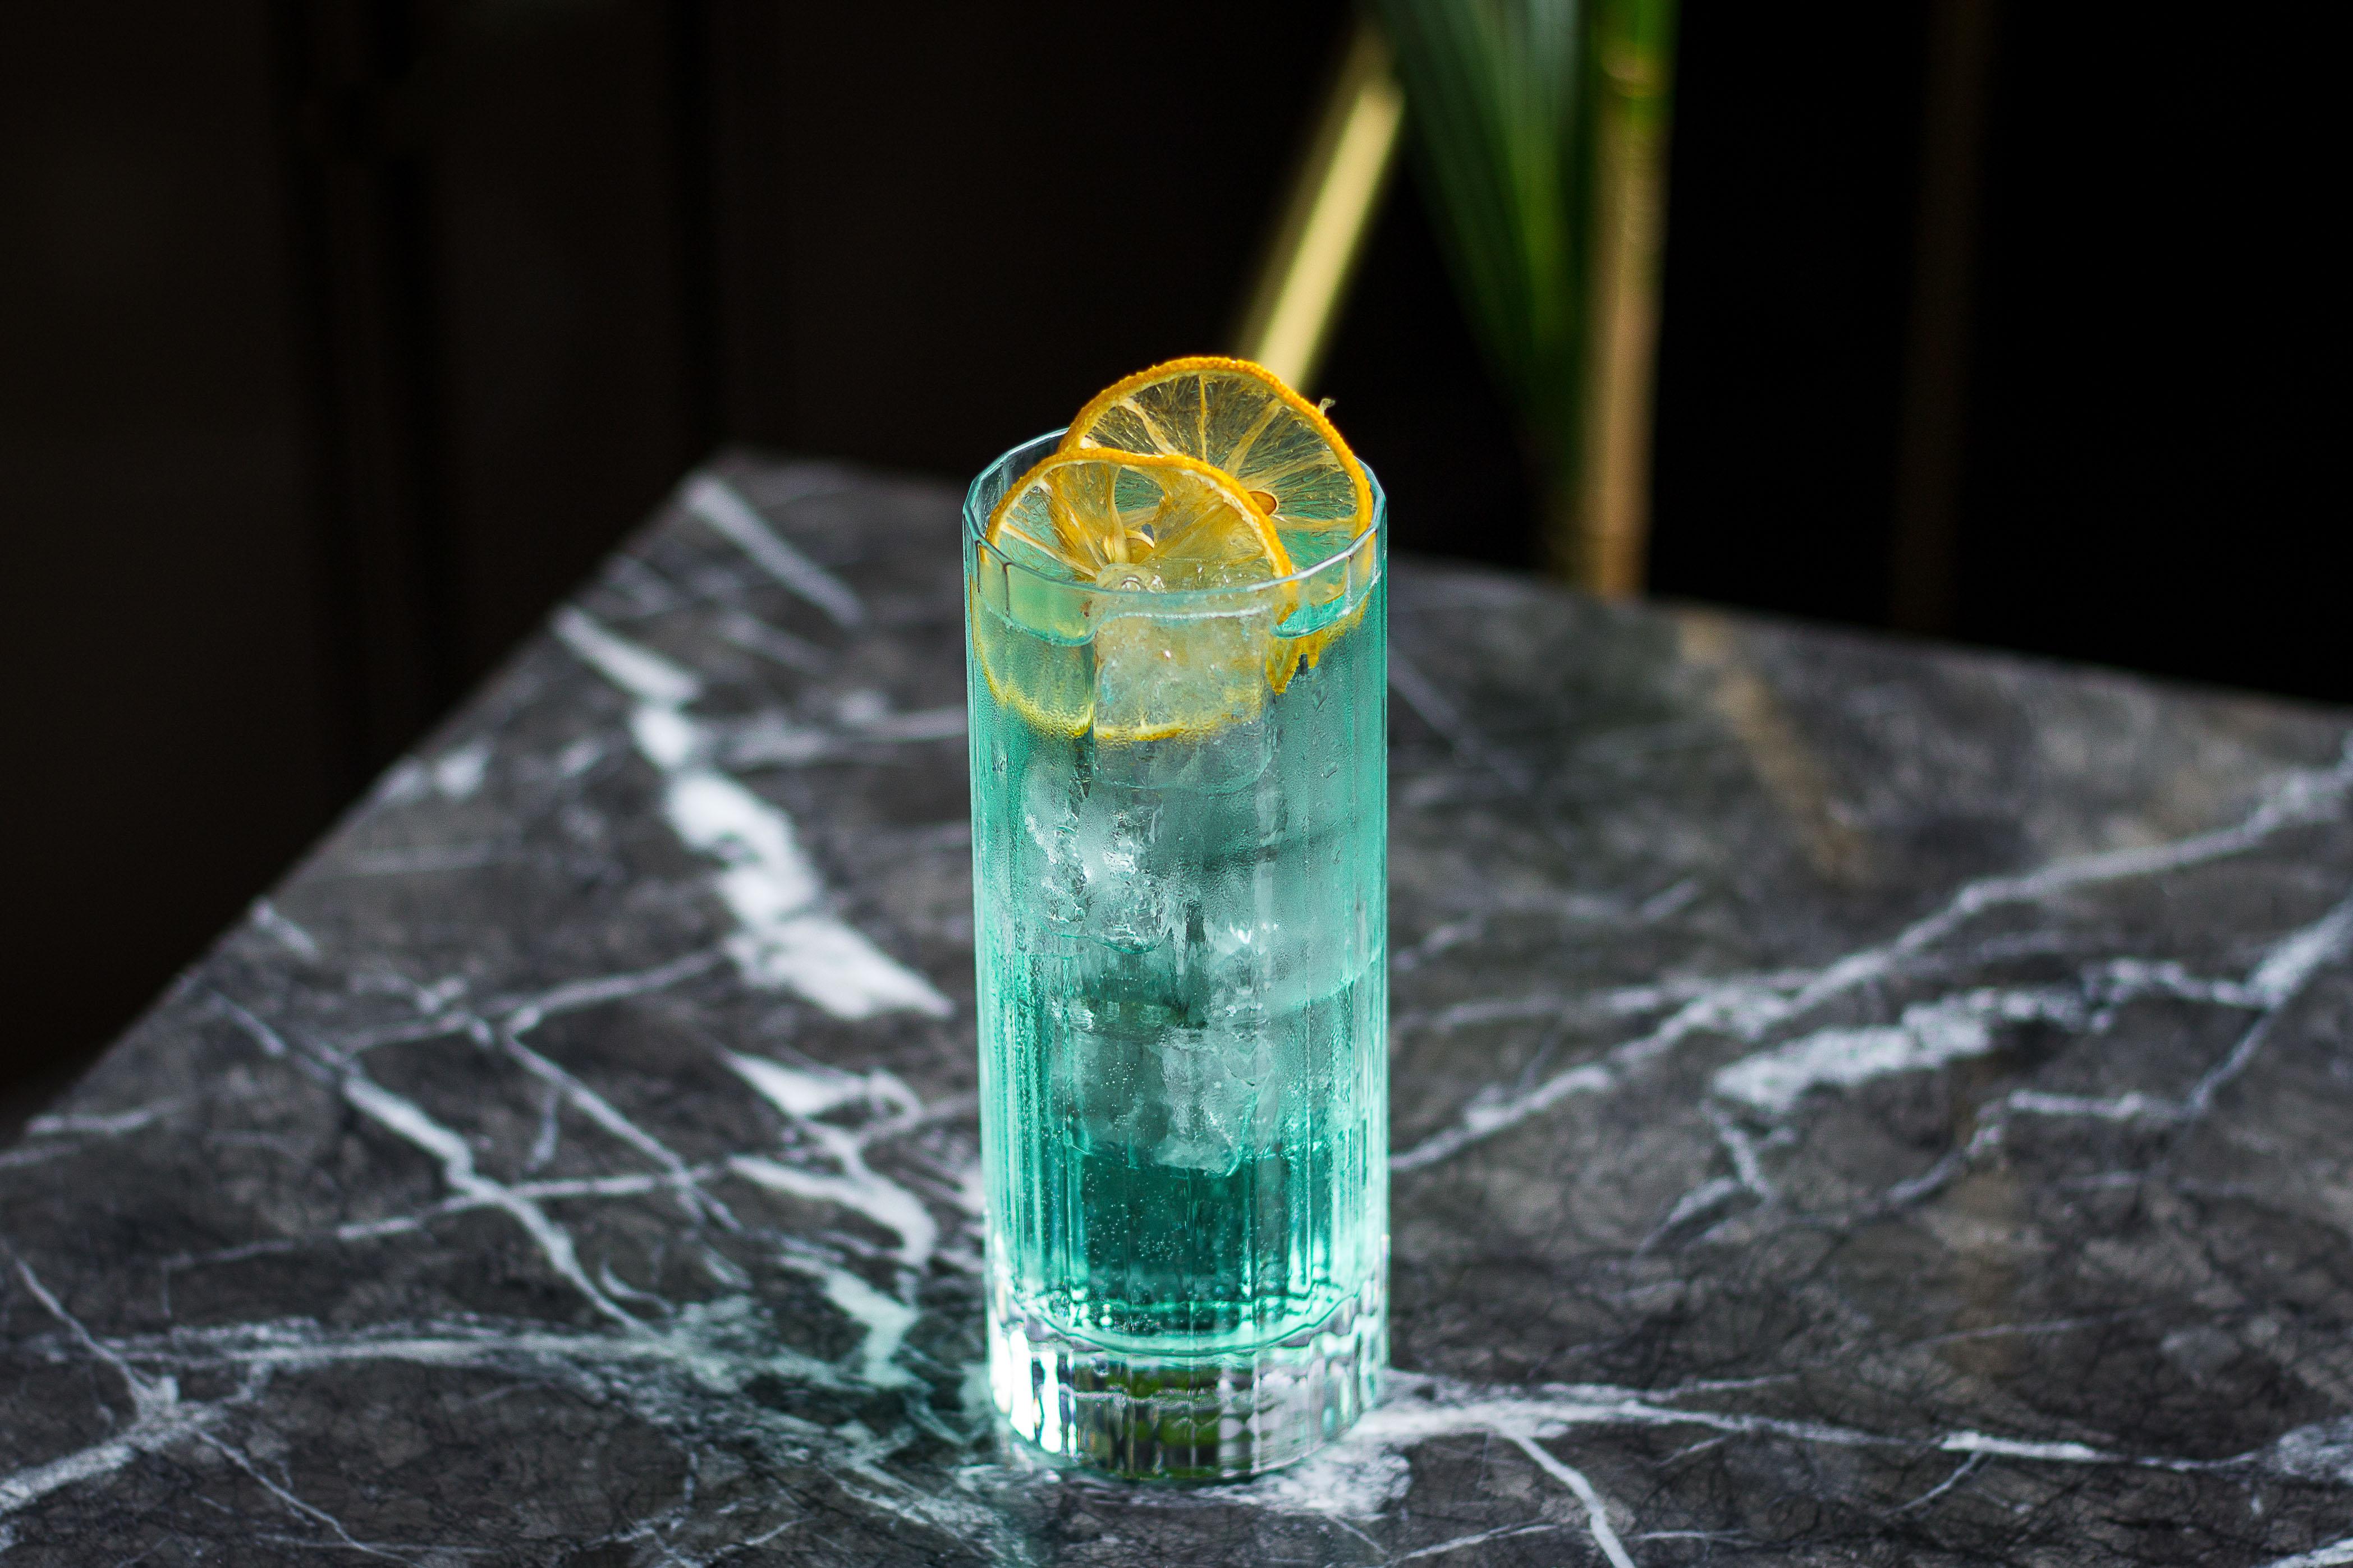 Ashkan Mortezapour Cocktails Photography (8 of 17)